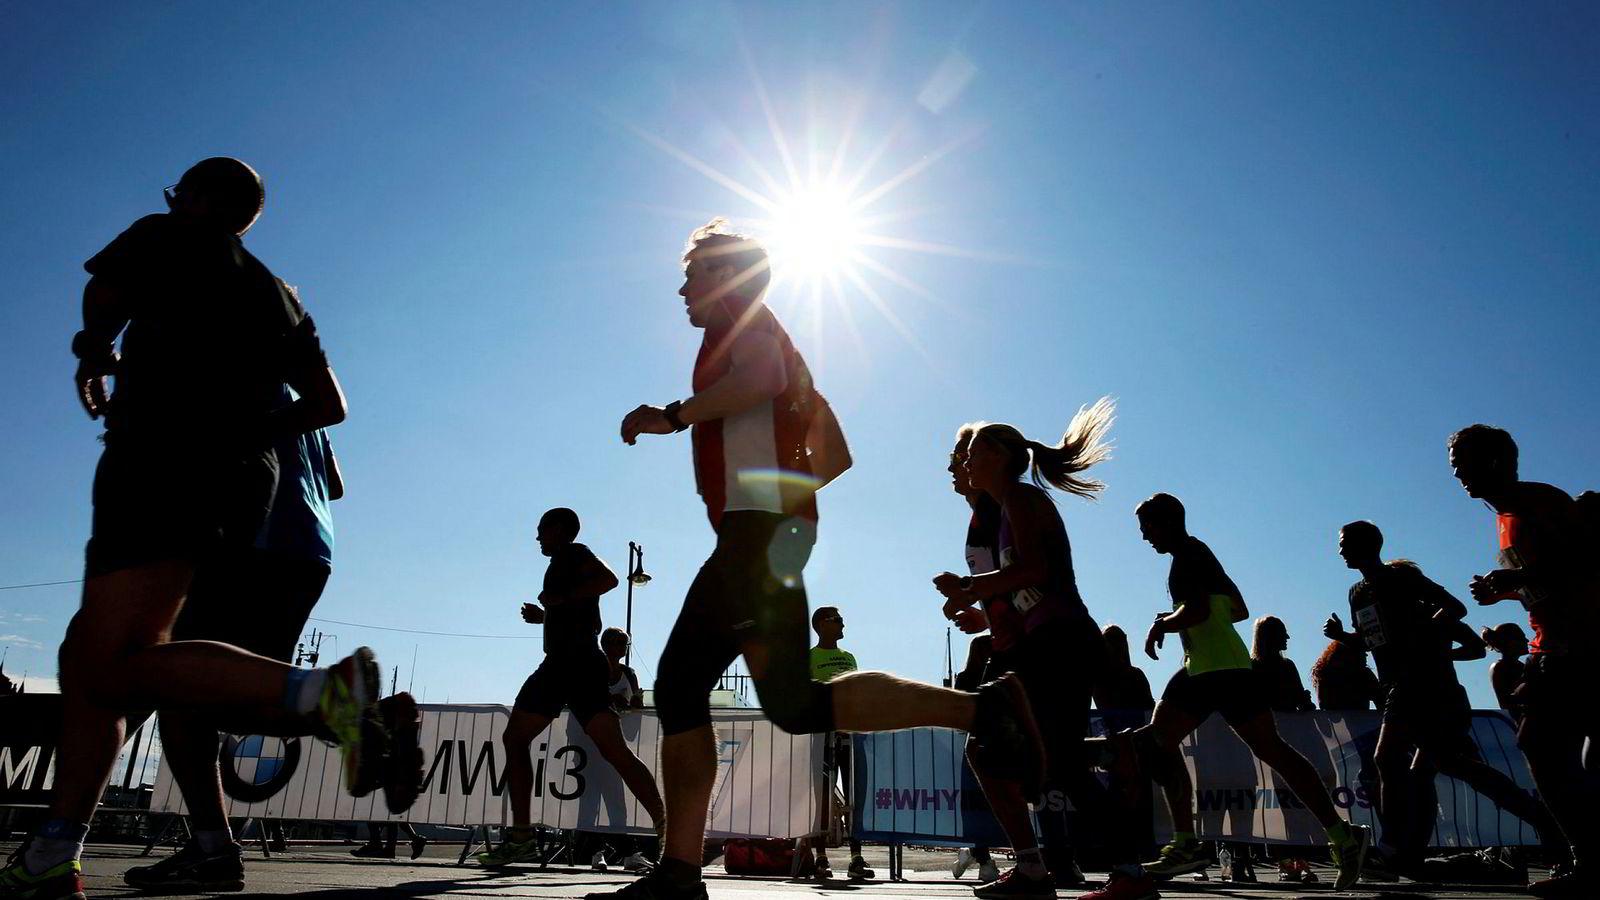 – Hvis en har trent hardt i en time, synes vi gjerne at vi er flinke og tror at treningseffekten når det gjelder energiforbruk er større enn den faktisk er, sier ernæringsfysiolog Mette Svendsen ved Oslo universitetssykehus.